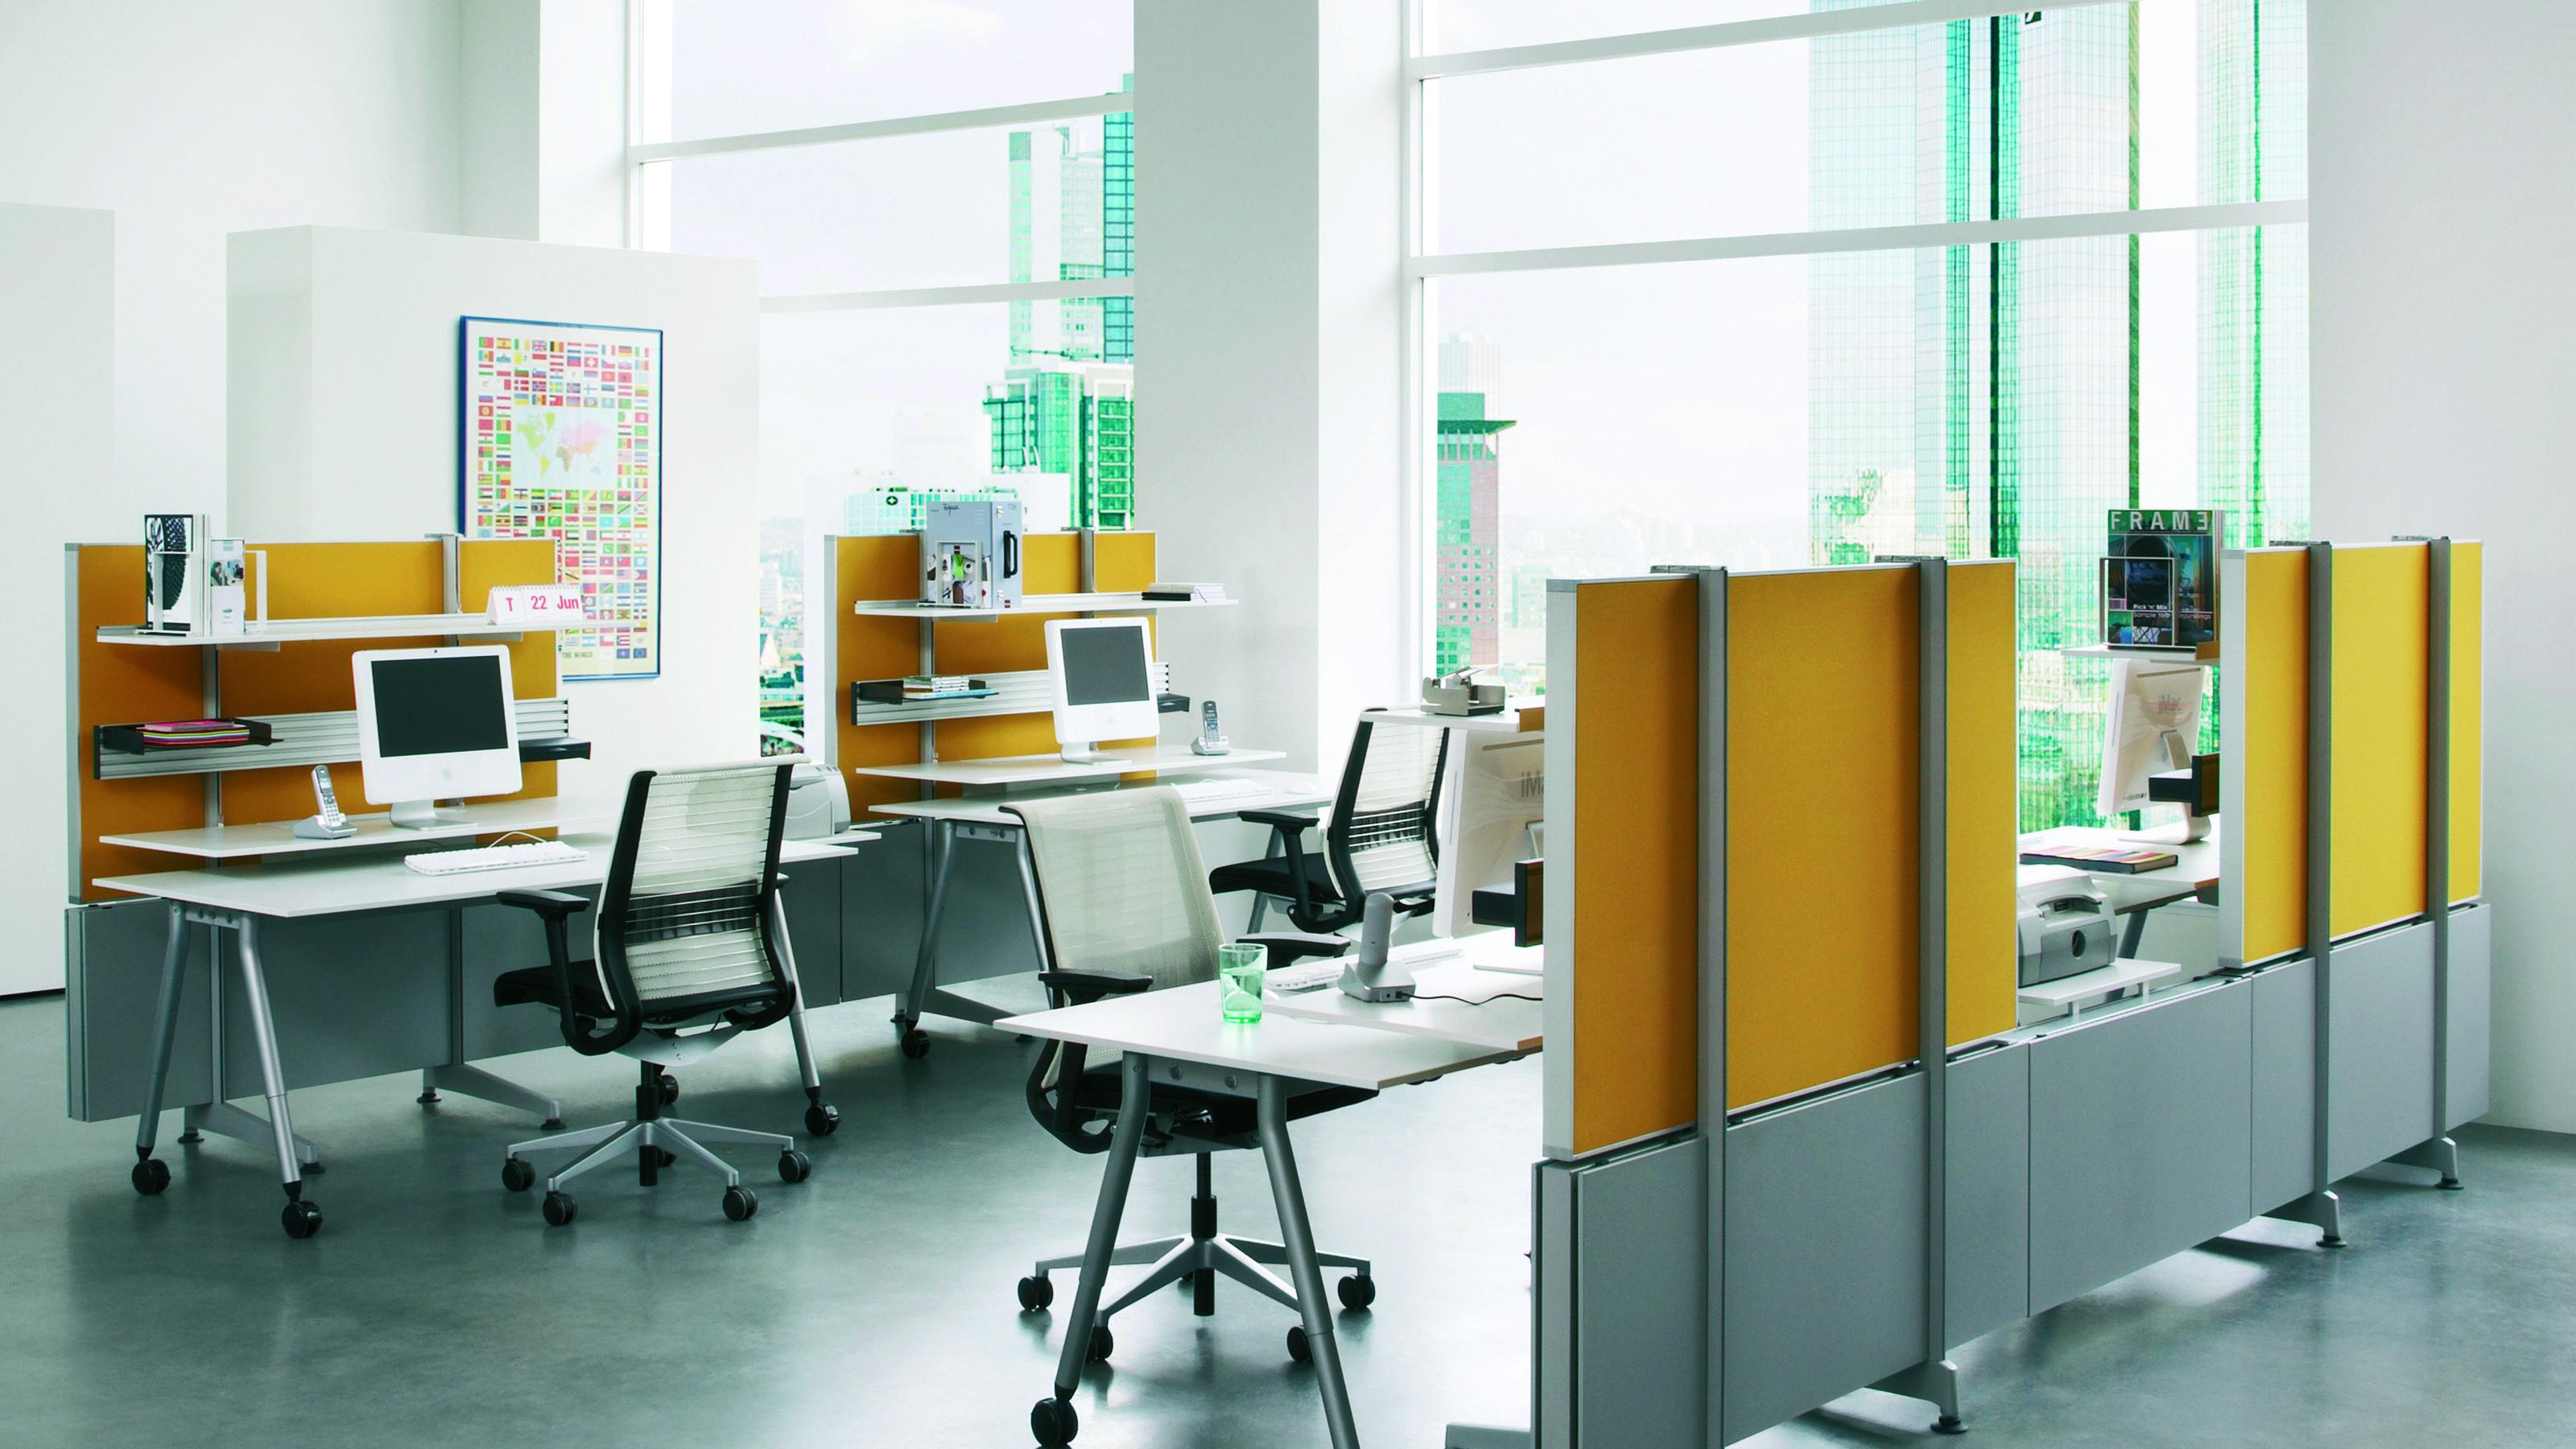 Freewall parois indépendantes pour bureaux et espaces de travail